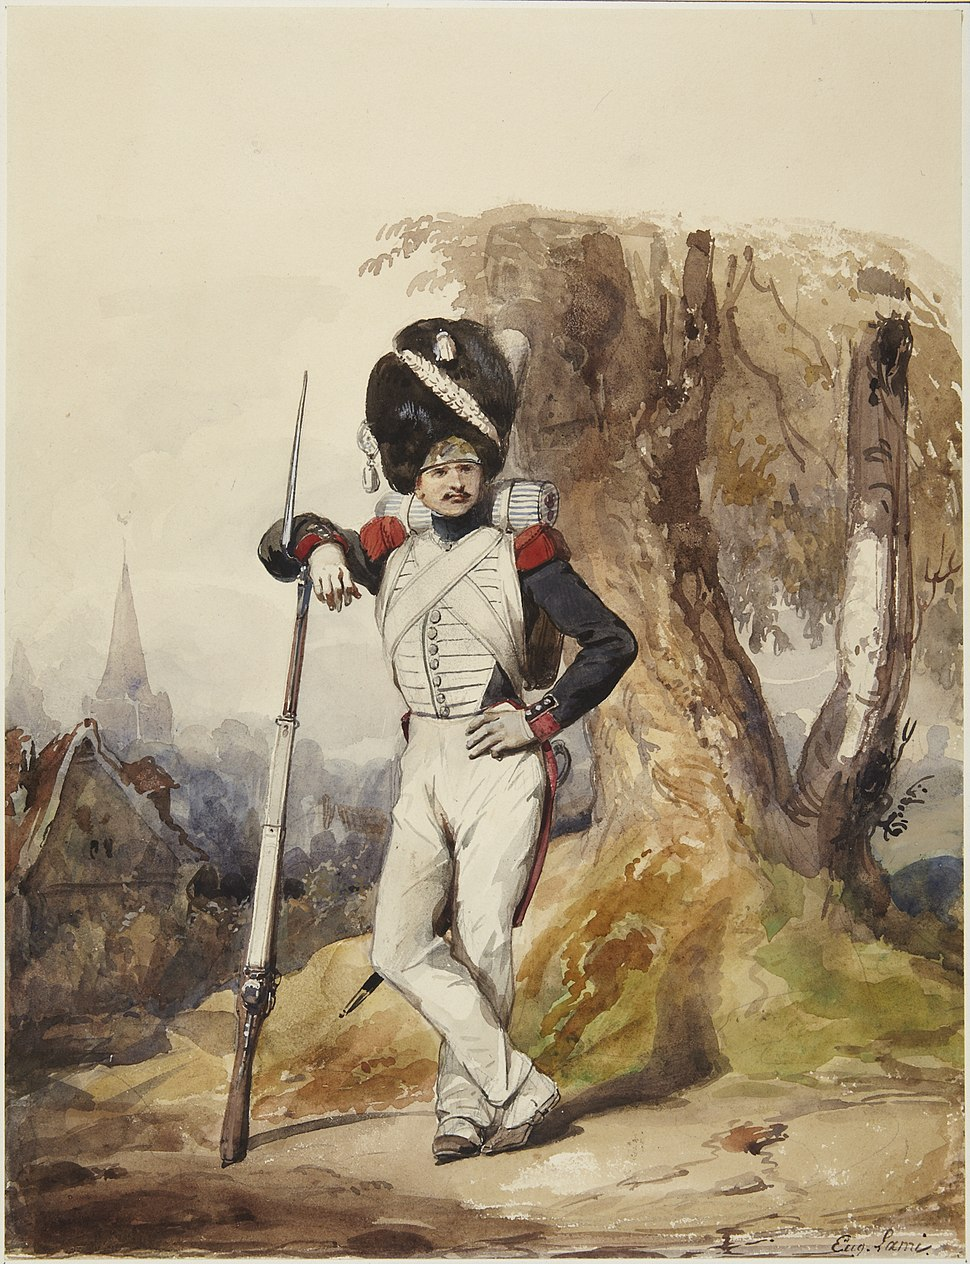 Lami, Eugène Louis, Grenadier of the Royal Guard, ca. 1817